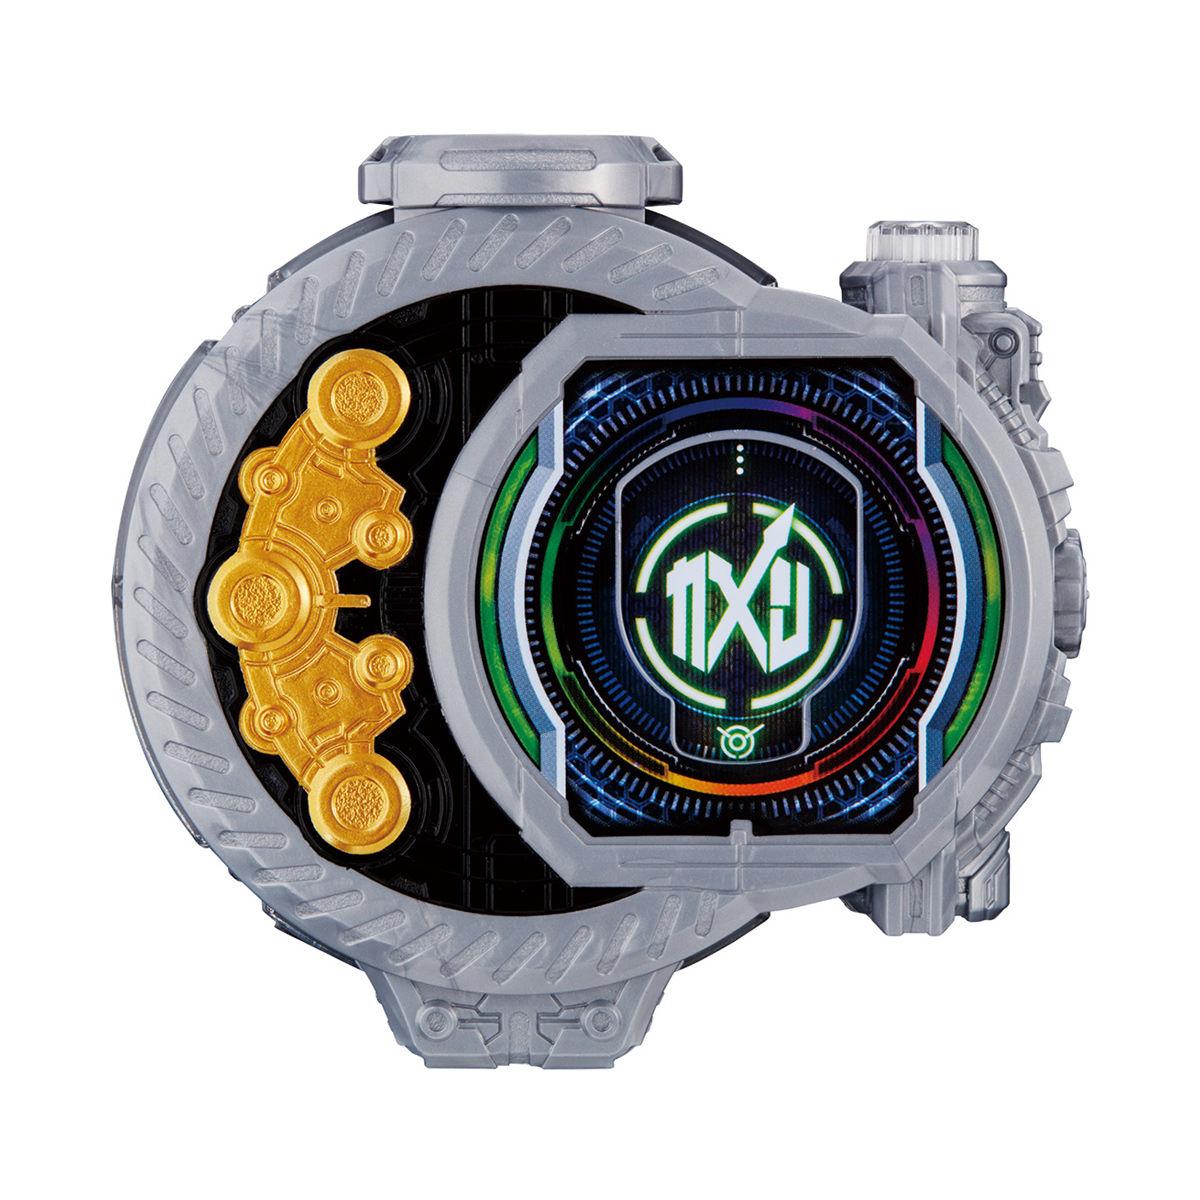 ライドウォッチ『DXギンガミライドウォッチ』仮面ライダージオウ 変身なりきり-002